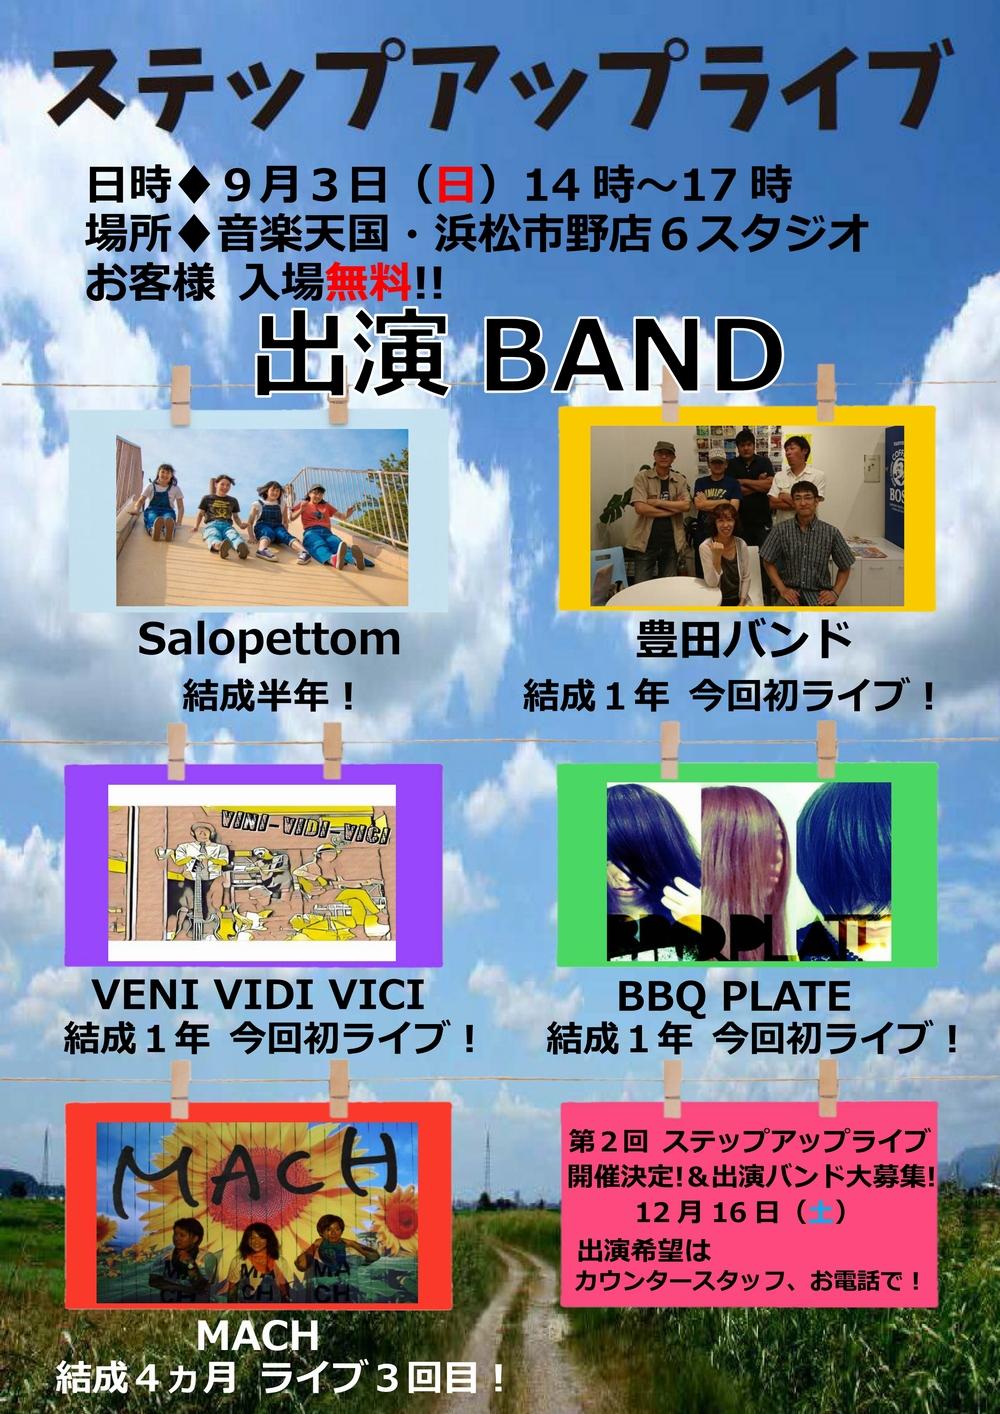 【スタジオライブ】音楽天国・浜松市野店9月3日(日)開催